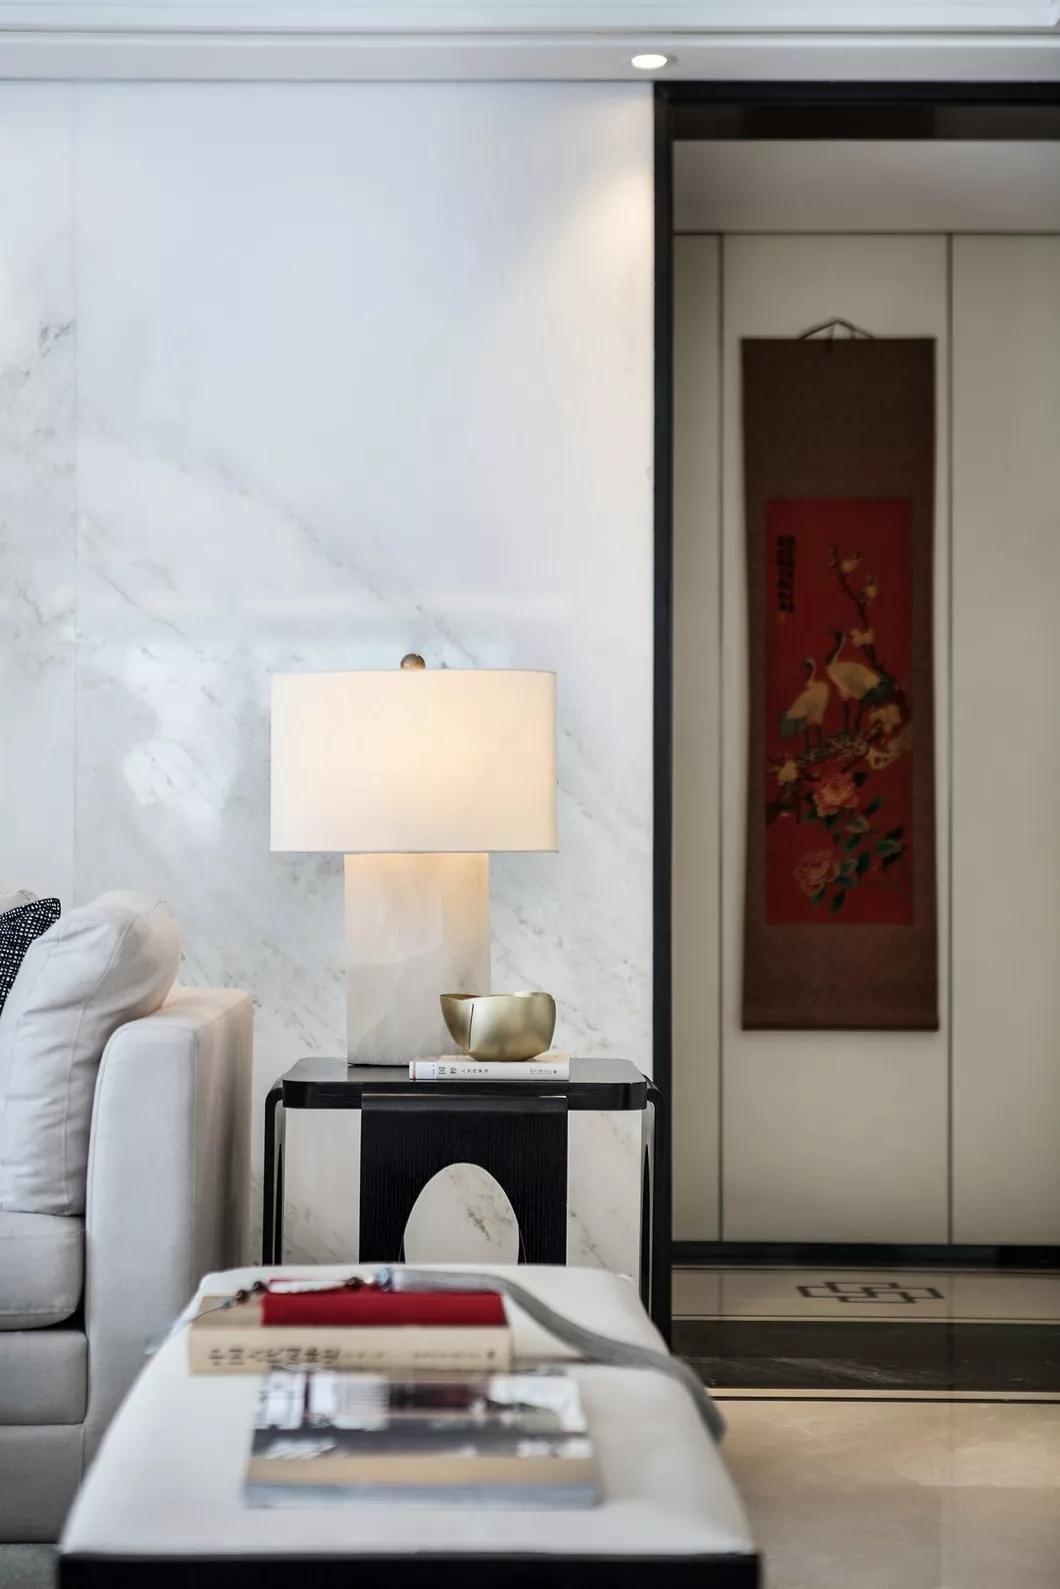 300㎡新中式别墅样板间,品味素雅